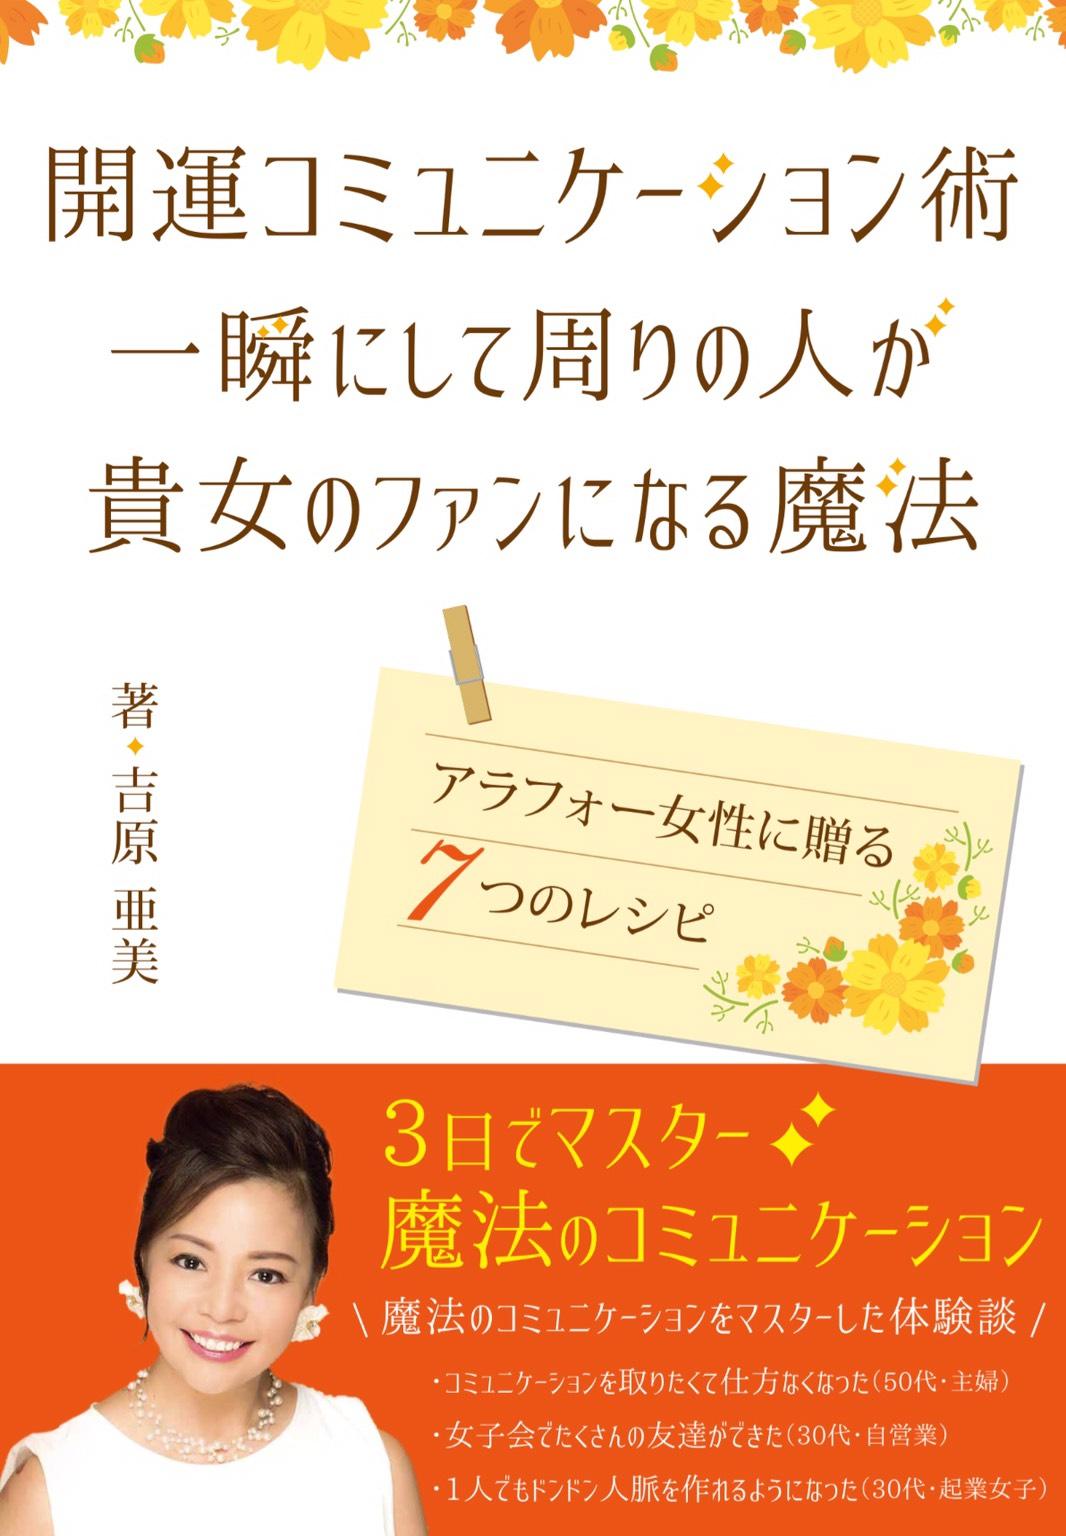 【著書】開運コミュニケーション術~一瞬にして周りの人が貴女のファンになる魔法~